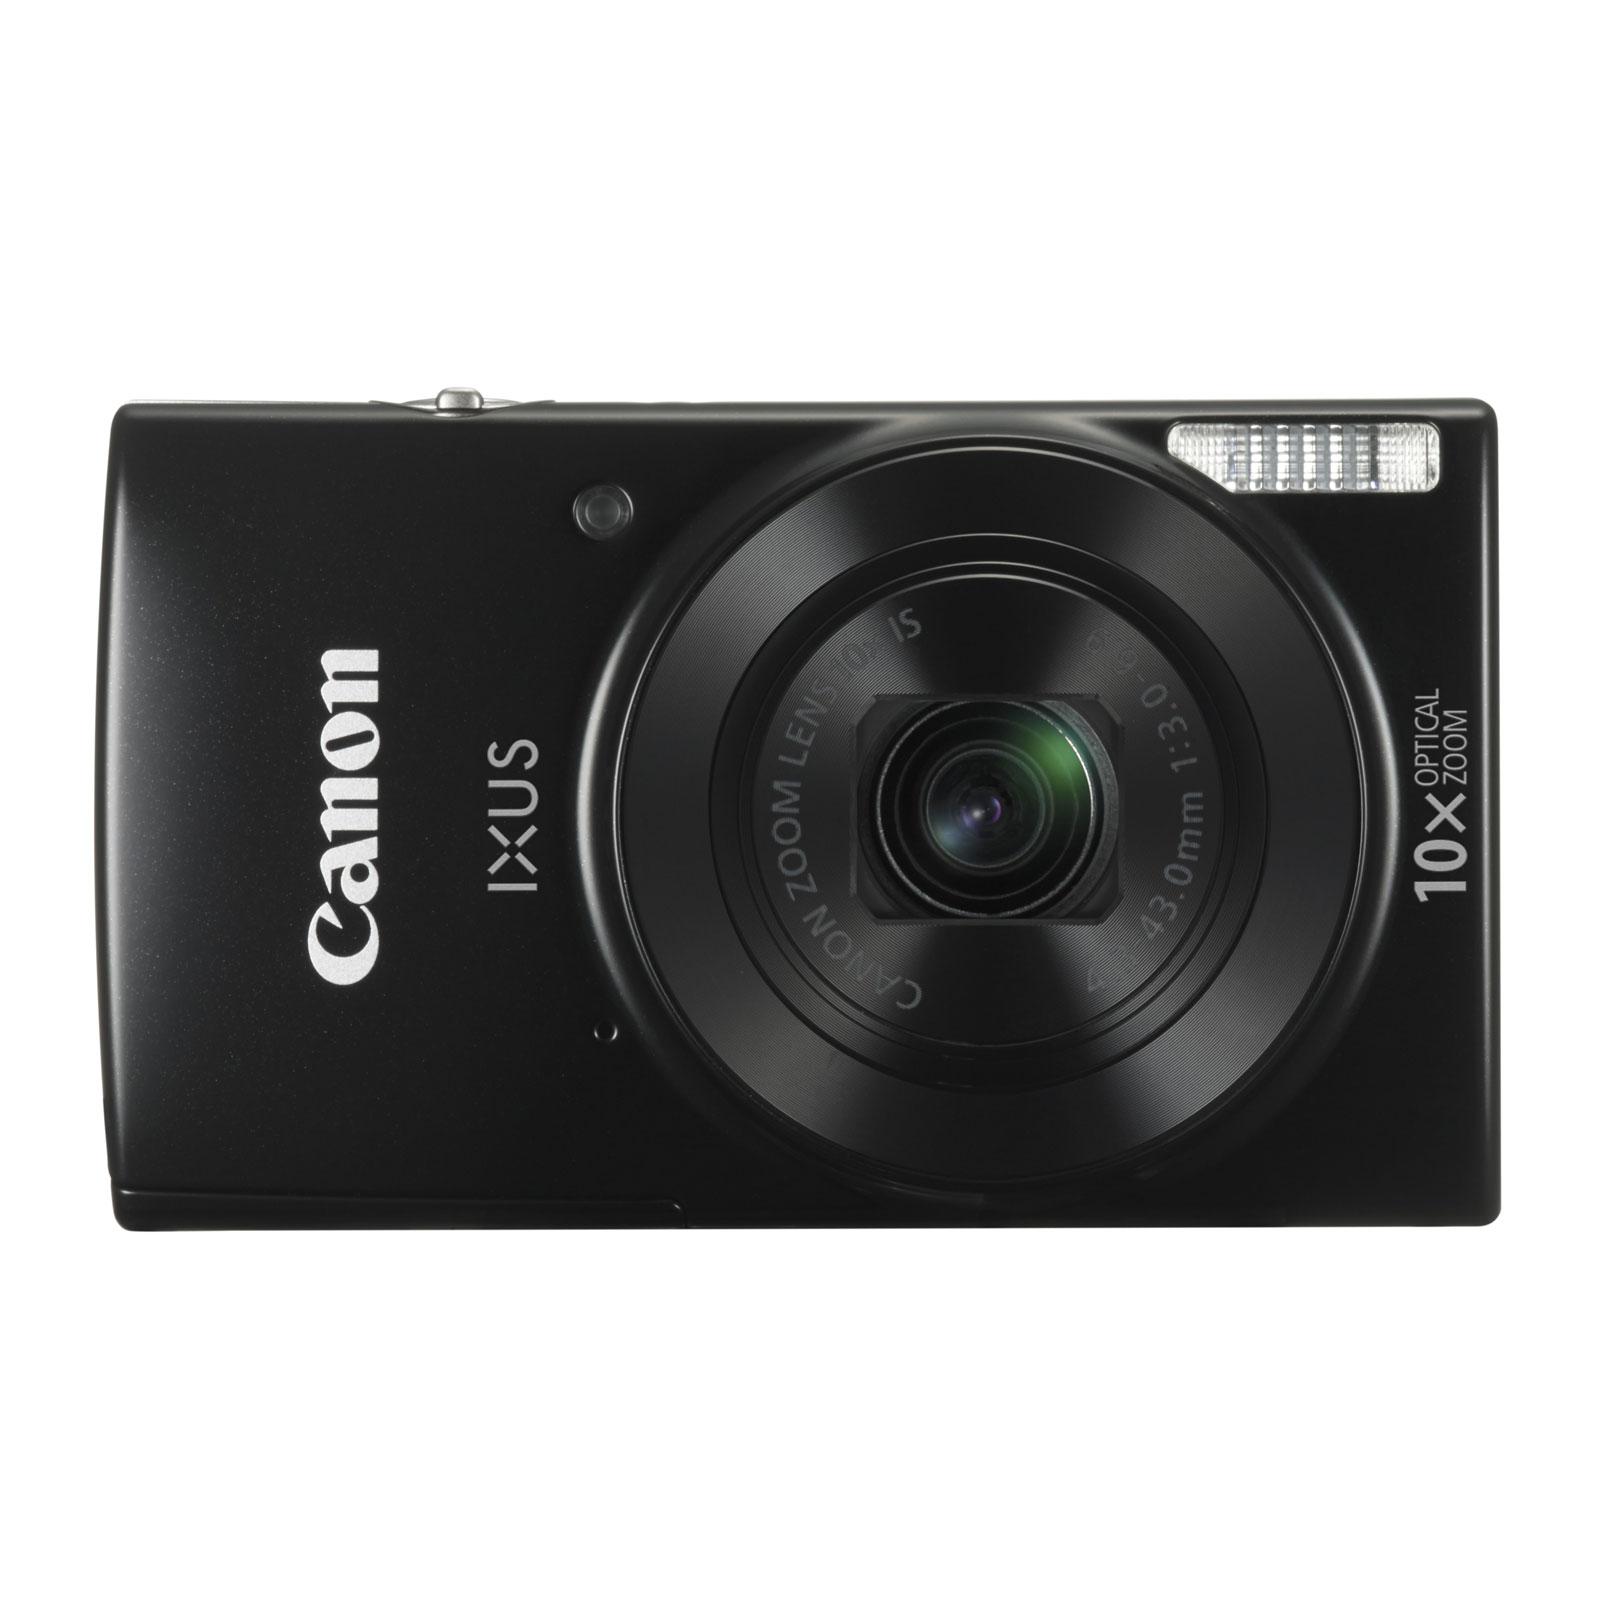 canon ixus 190 noir appareil photo num rique canon sur. Black Bedroom Furniture Sets. Home Design Ideas